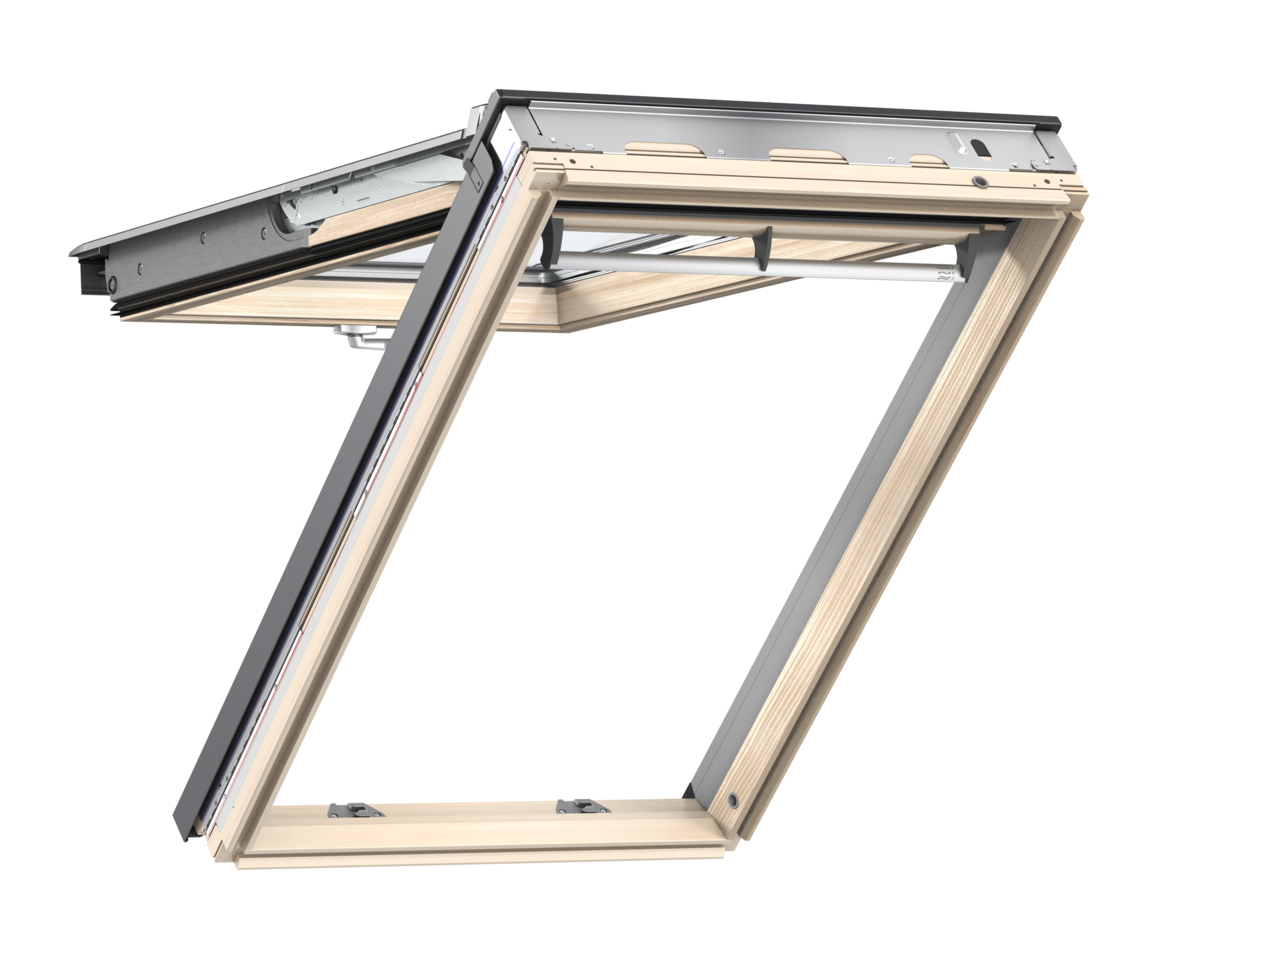 Výklopně-kyvné okno VELUX GPL 3068 rozměr: MK06 78x118 cm